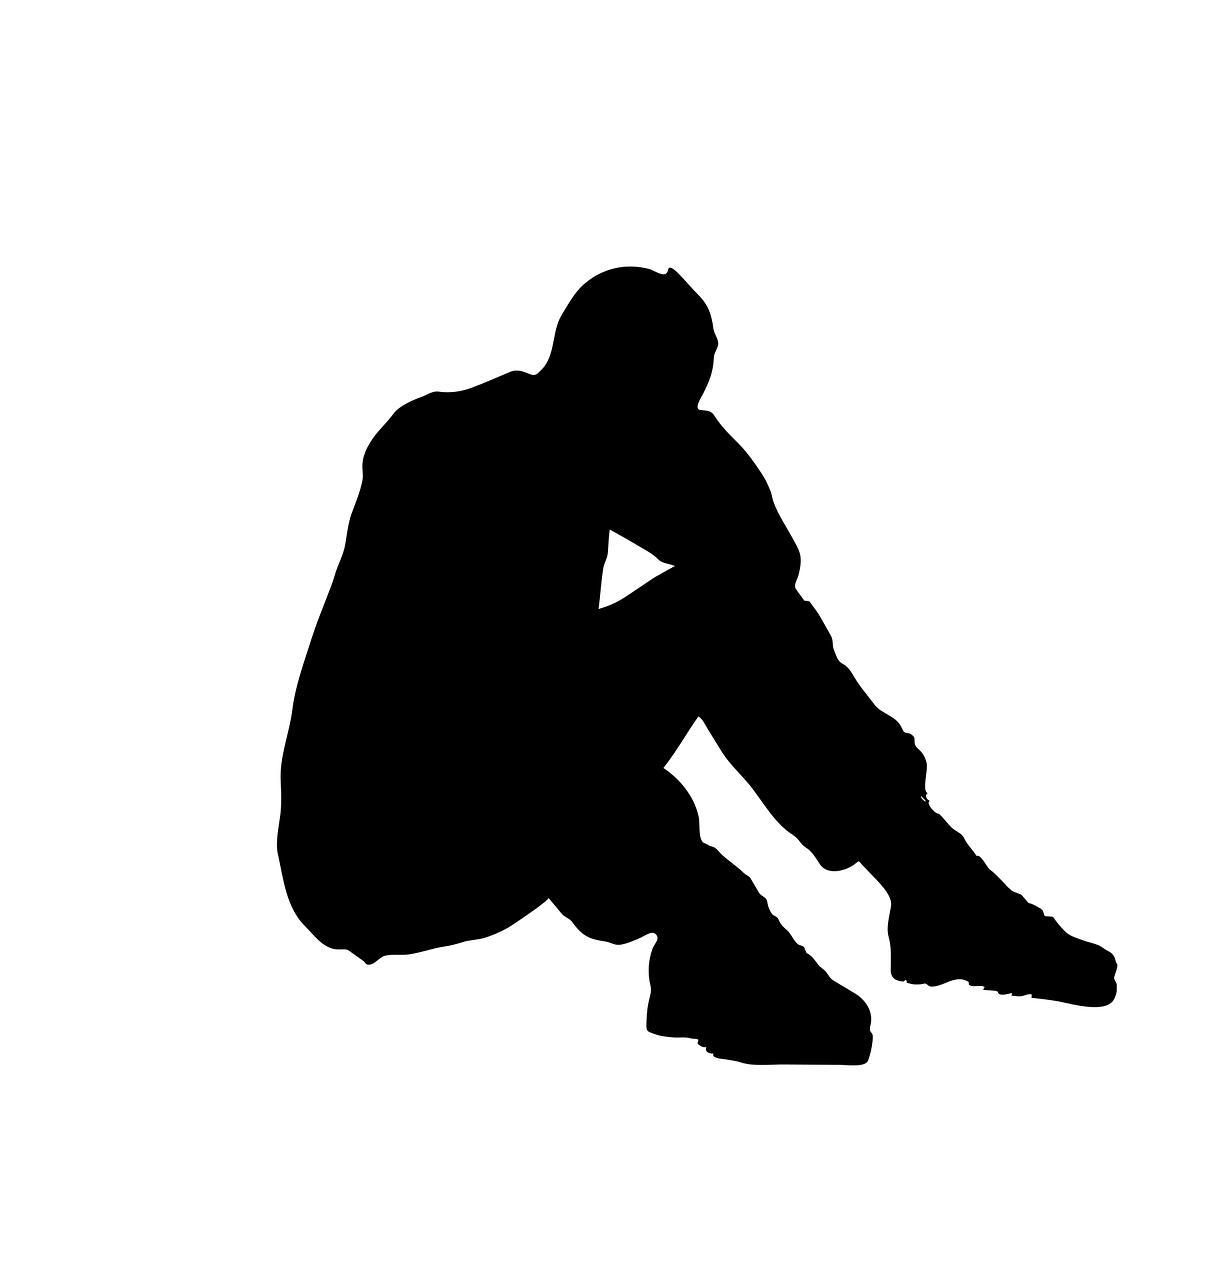 Licenziamento lavoratore disabile - Featured image